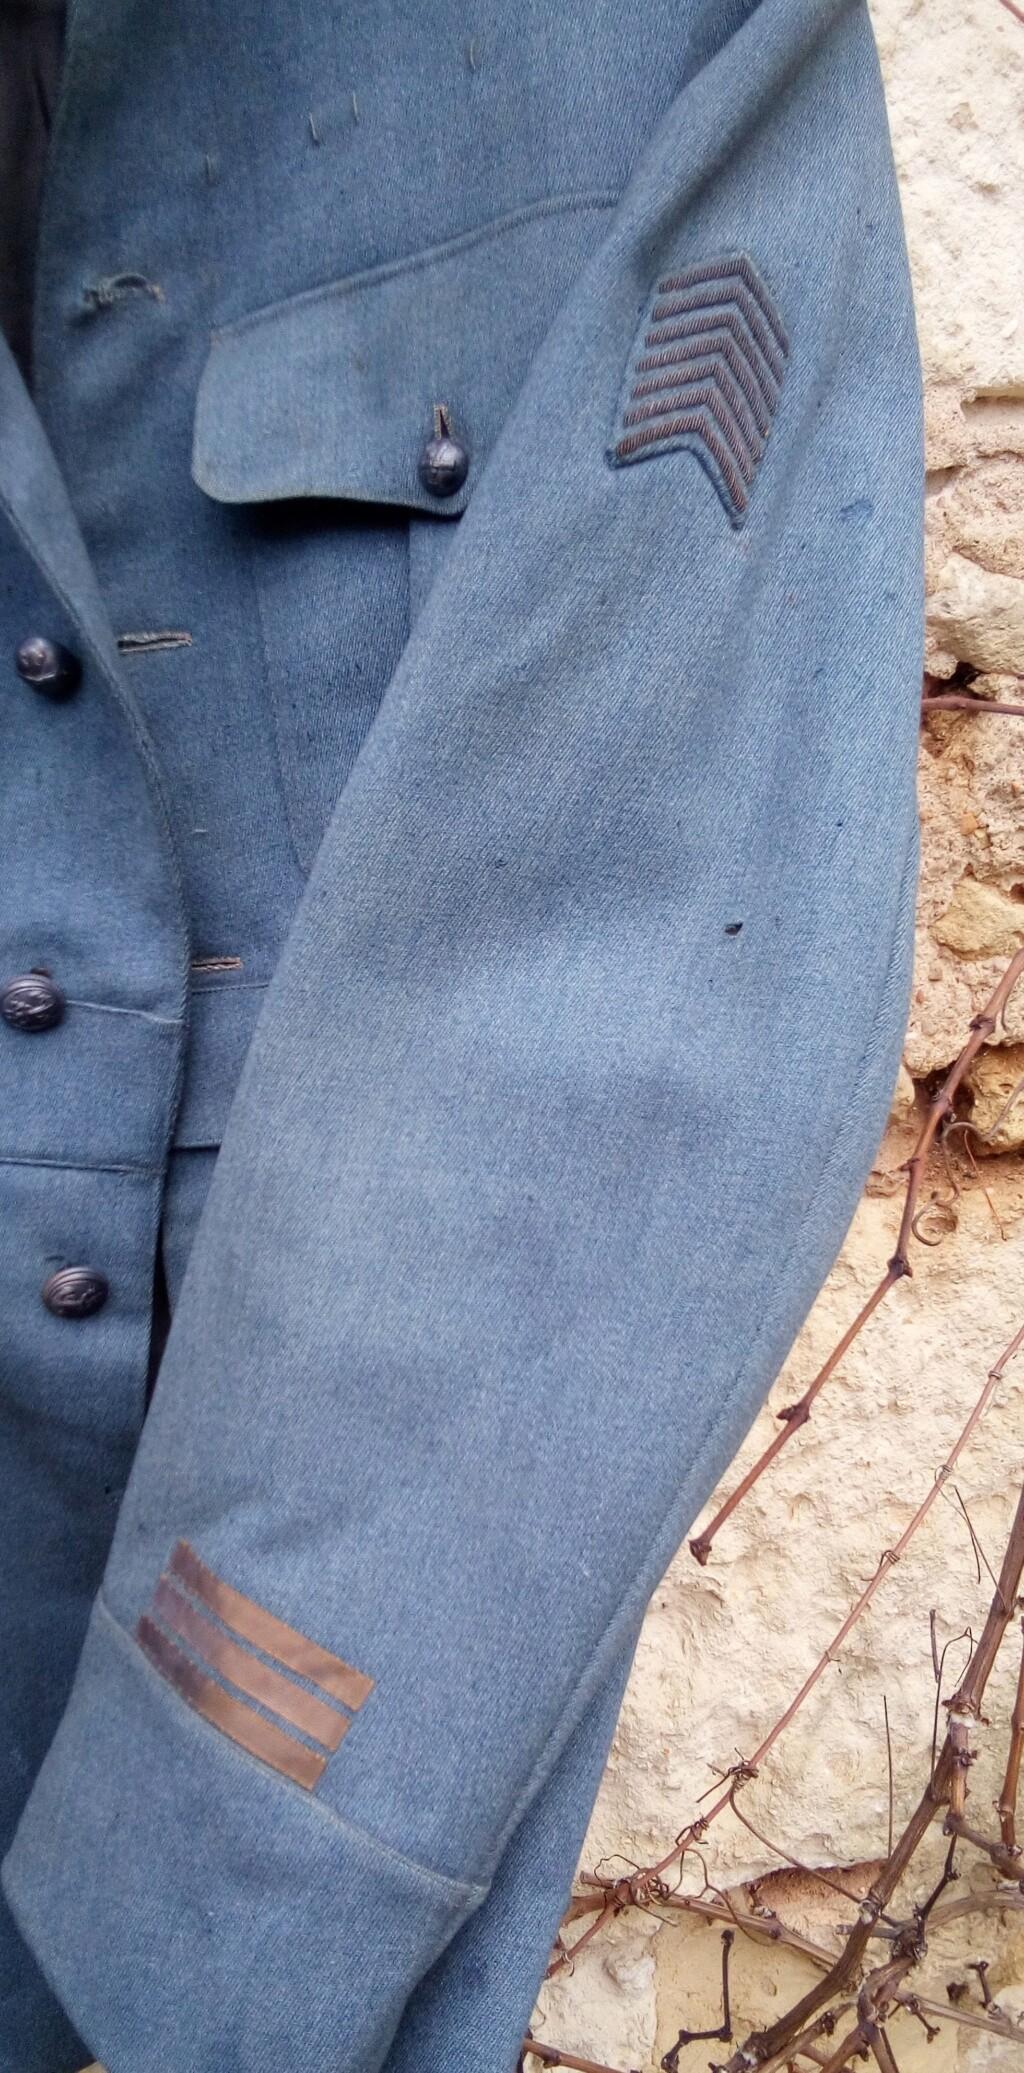 Brocante pluvieuse....Vareuse BH capitaine du 218 RAC, Brotbeutel regimenté Img_2626